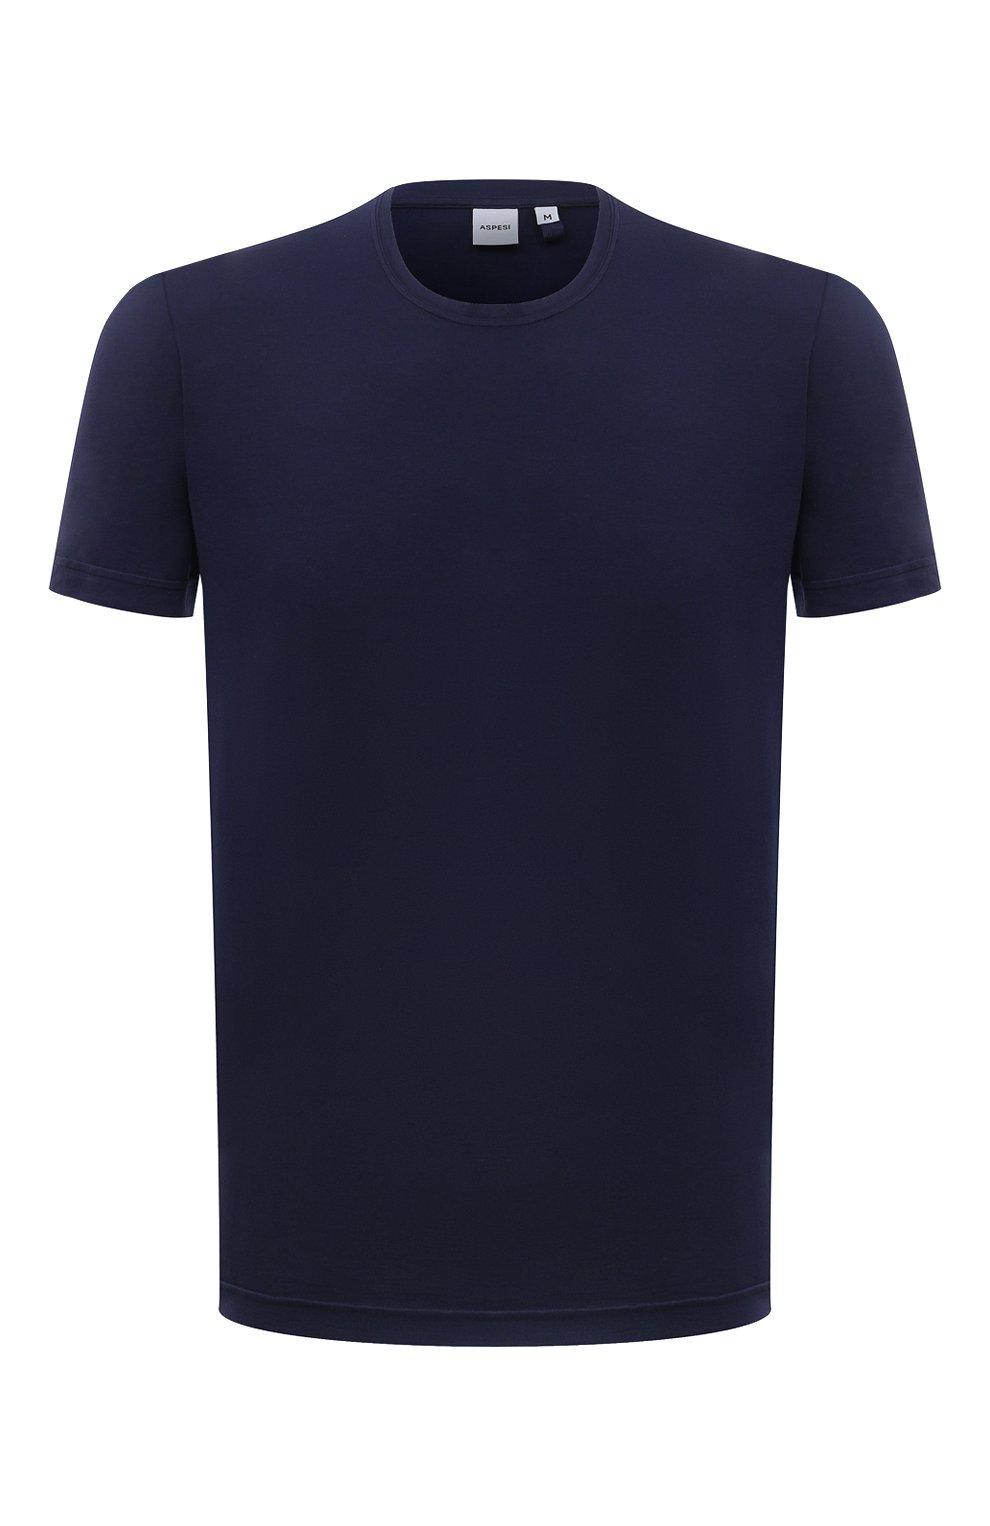 Мужская хлопковая футболка ASPESI темно-синего цвета, арт. S1 A 3107 C089 | Фото 1 (Принт: Без принта; Рукава: Короткие; Длина (для топов): Стандартные; Материал внешний: Хлопок; Стили: Кэжуэл)